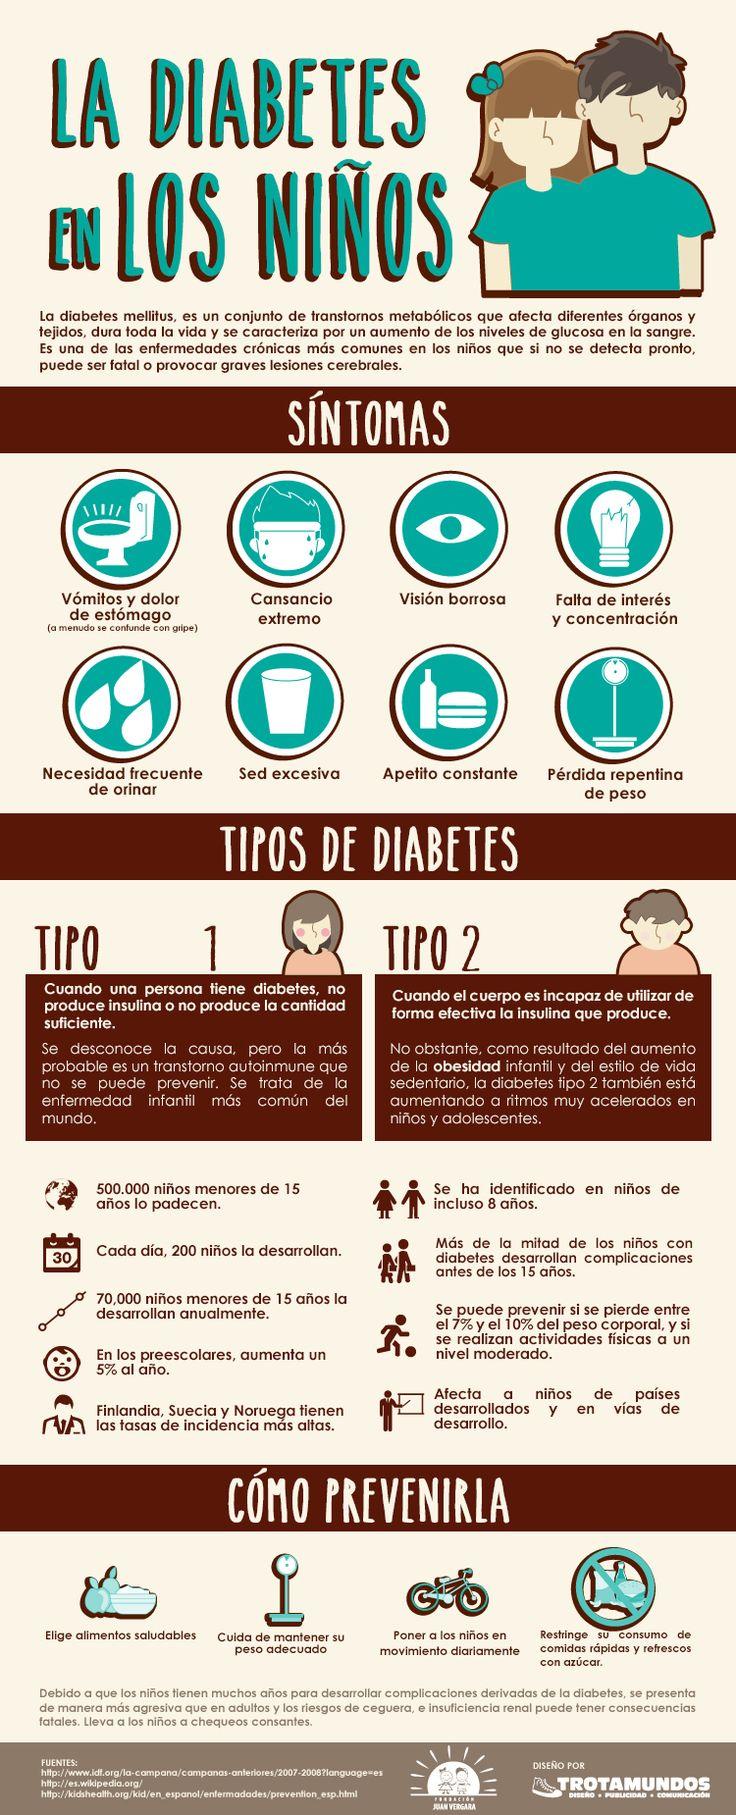 Infografía: La Diabetes en los Niños.